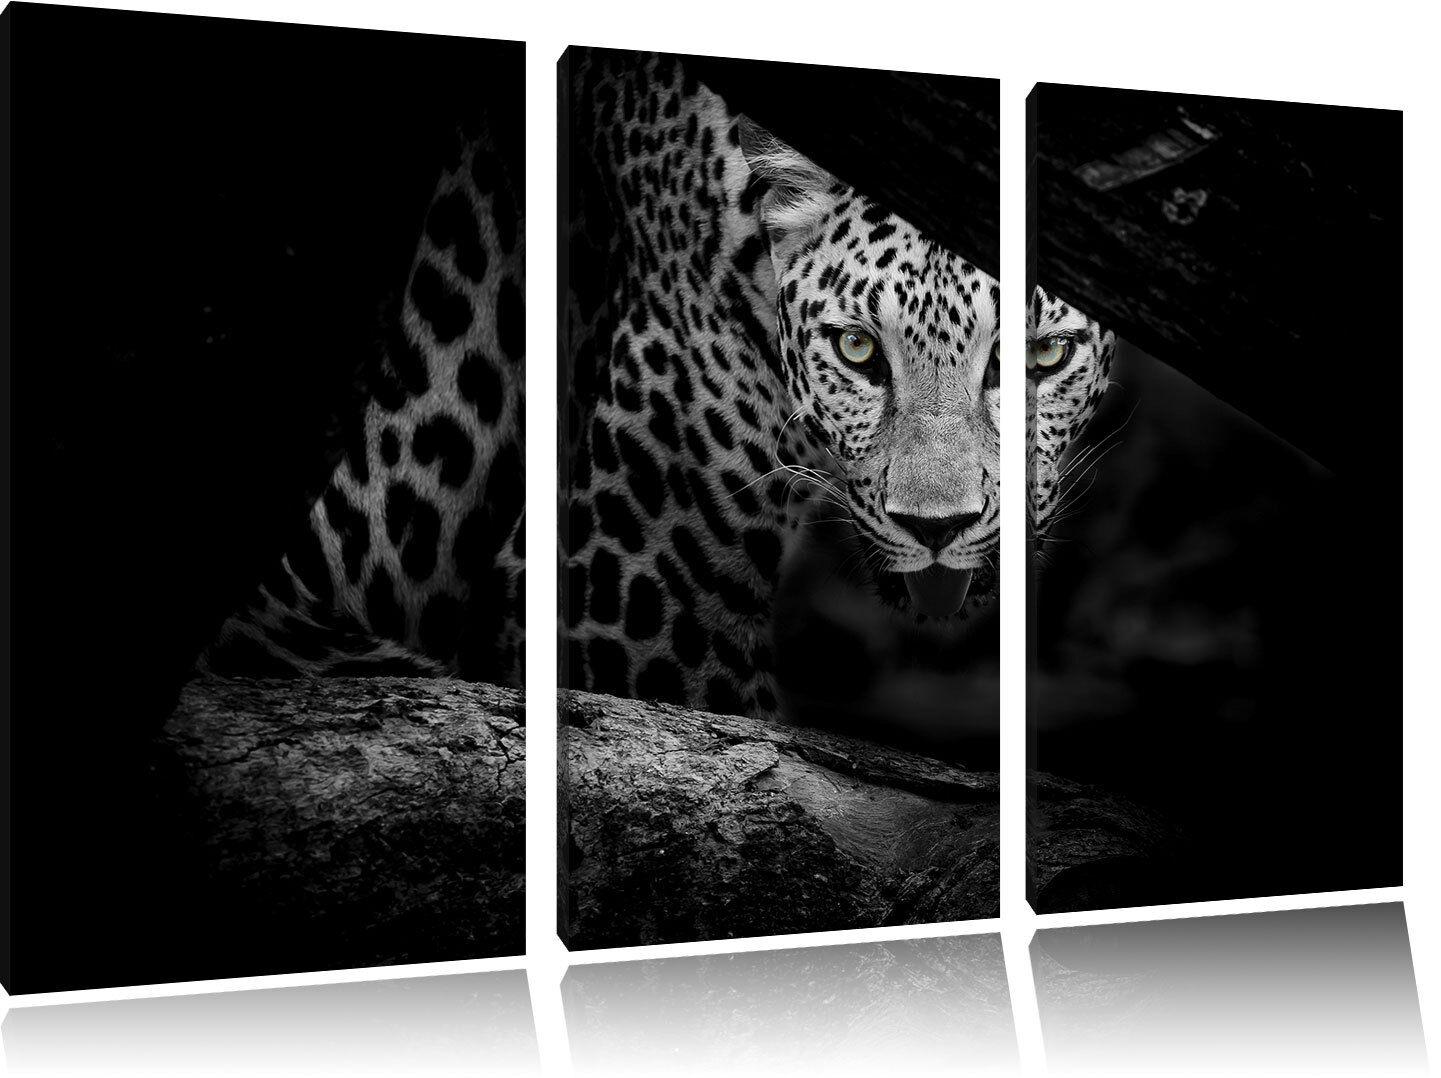 Curioso Guepardo Negro/Blanco 3-Teiler Lienzo Foto en Lienzo 3-Teiler Decoración de Pared 6d126b